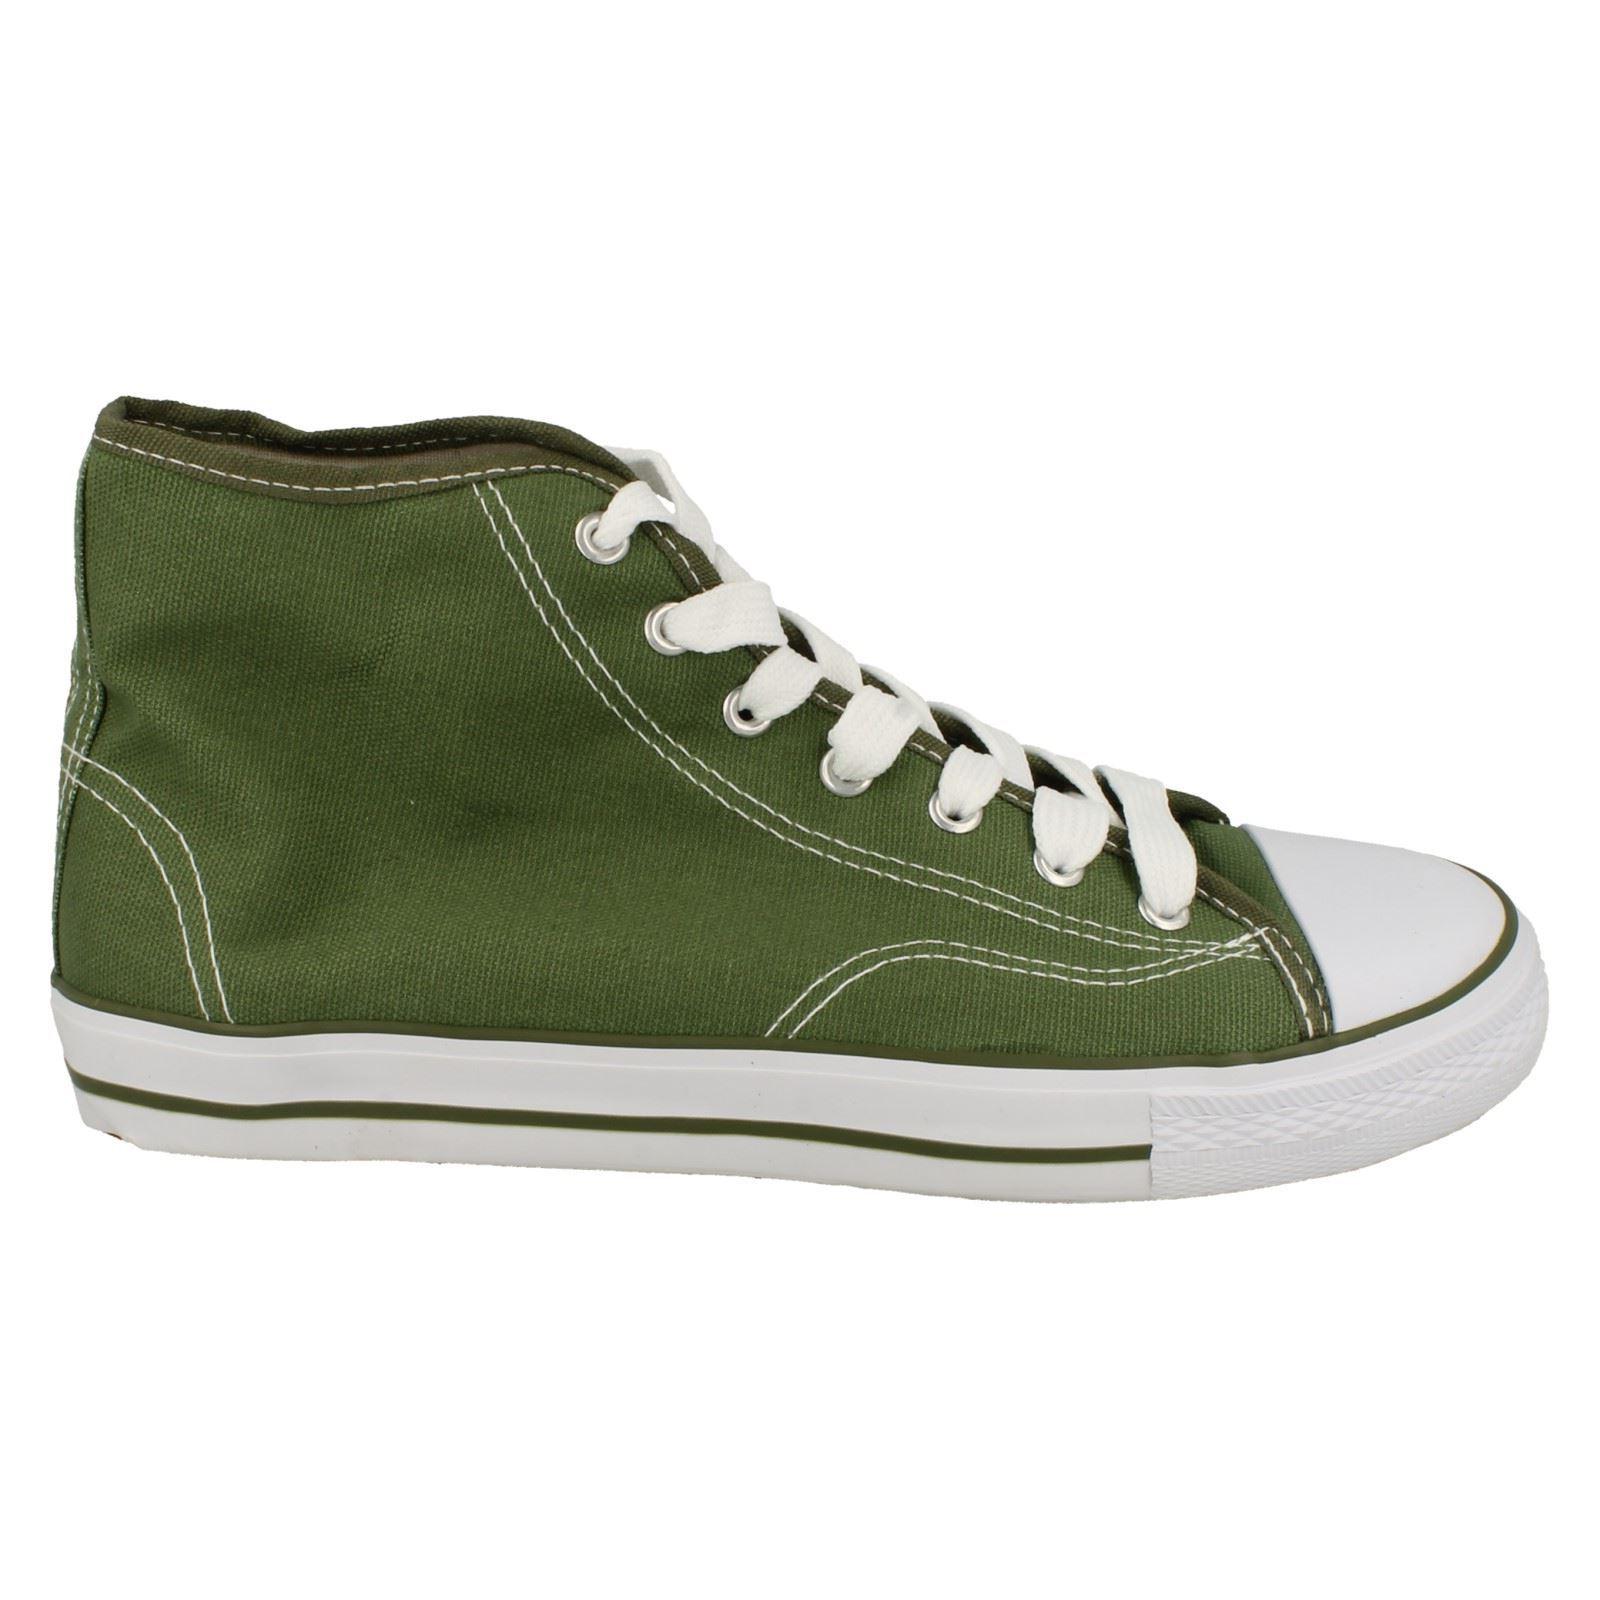 Spot-On-Chaussures-hautes-en-toile-Homme-KM565 miniature 18